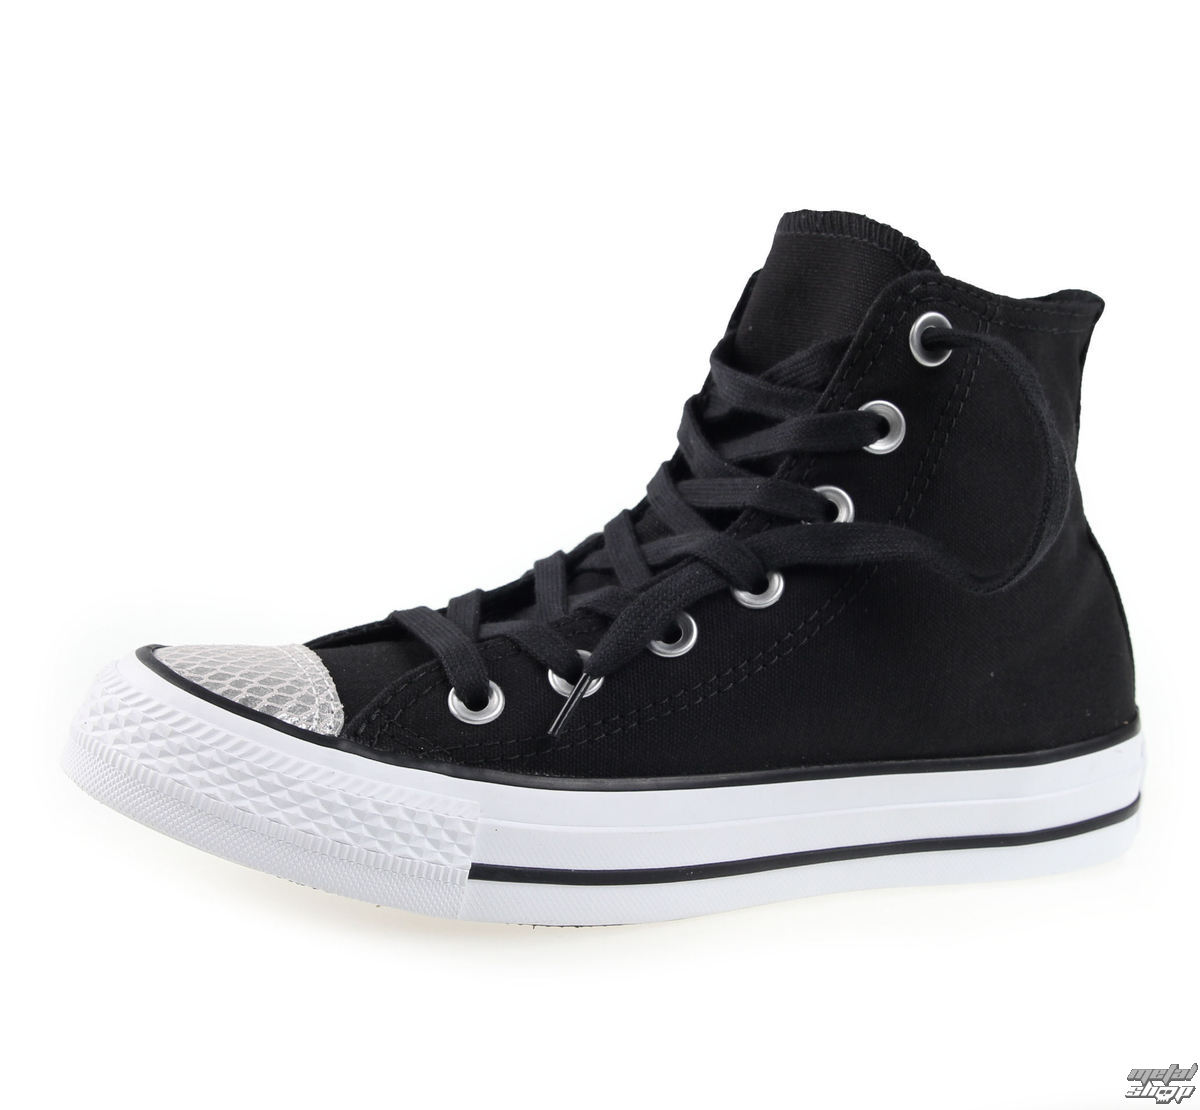 a46a5996f2b9 magasszárú cipő férfi női - CONVERSE - C555814 - Metalshop.hu